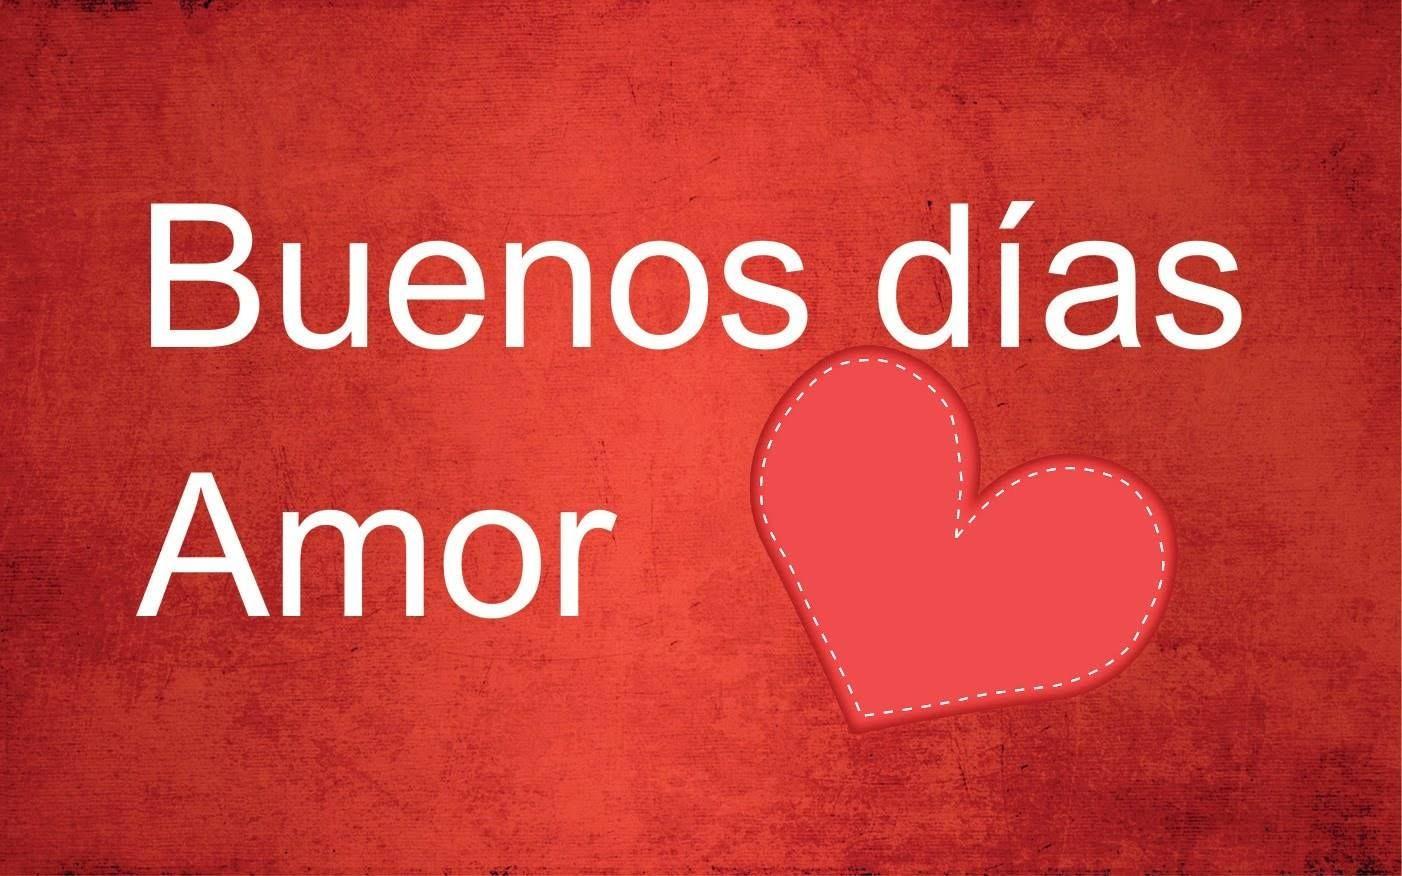 ¡Buenos Días Amor! - Imagen